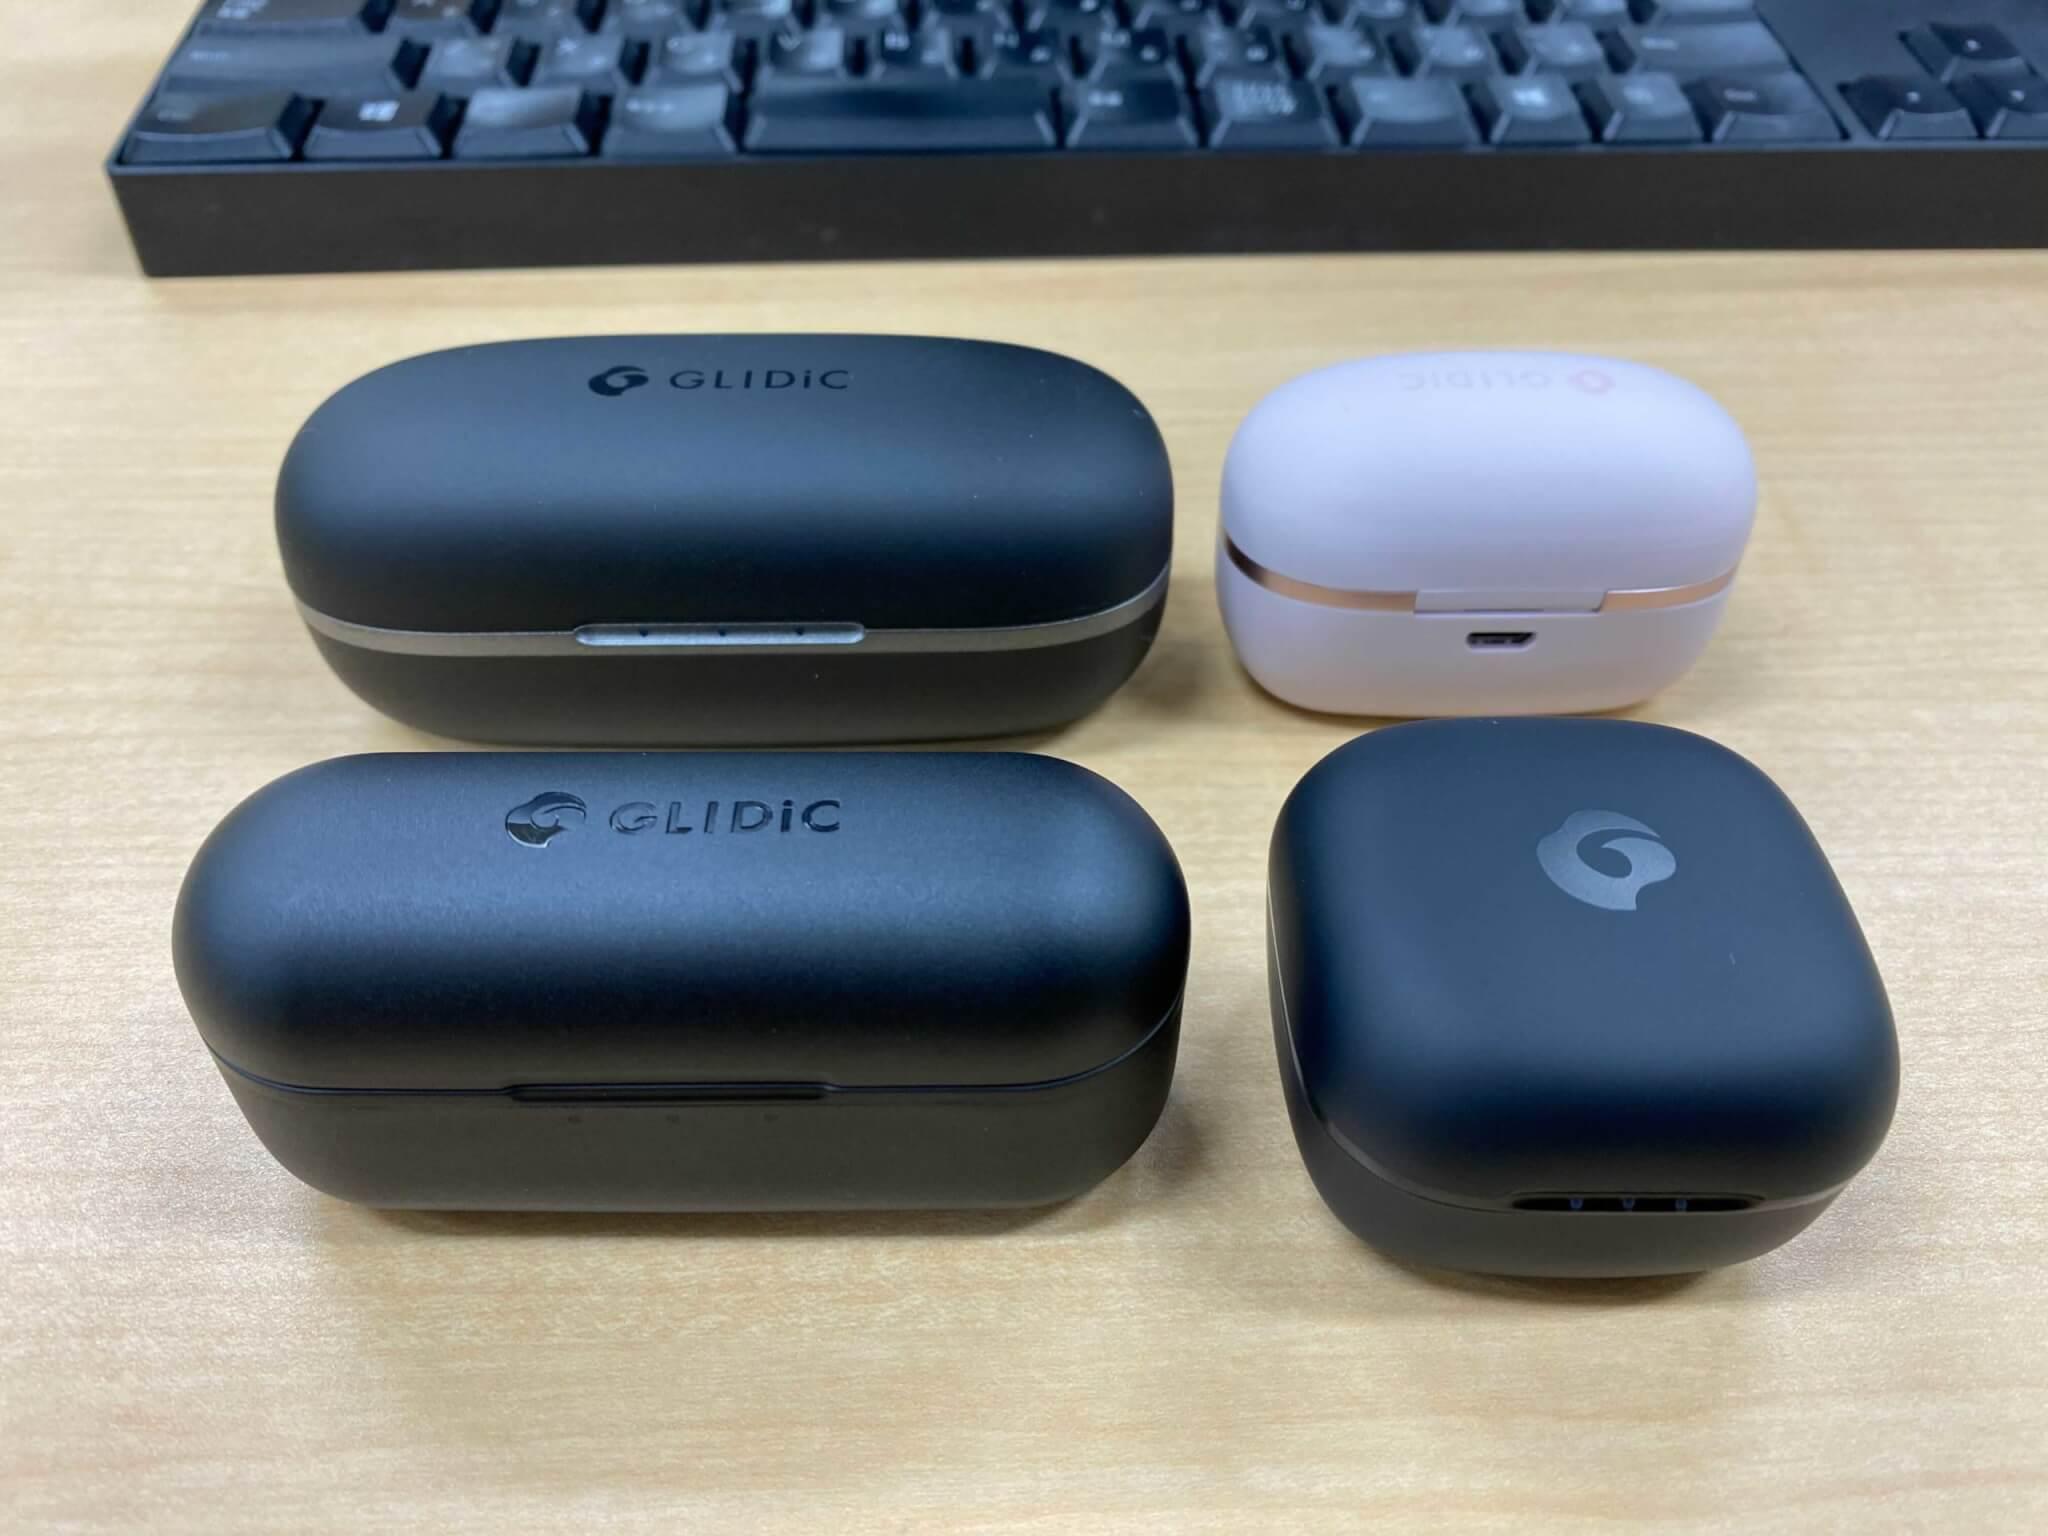 GLIDiCの完全ワイヤレスイヤホン4機種を比較